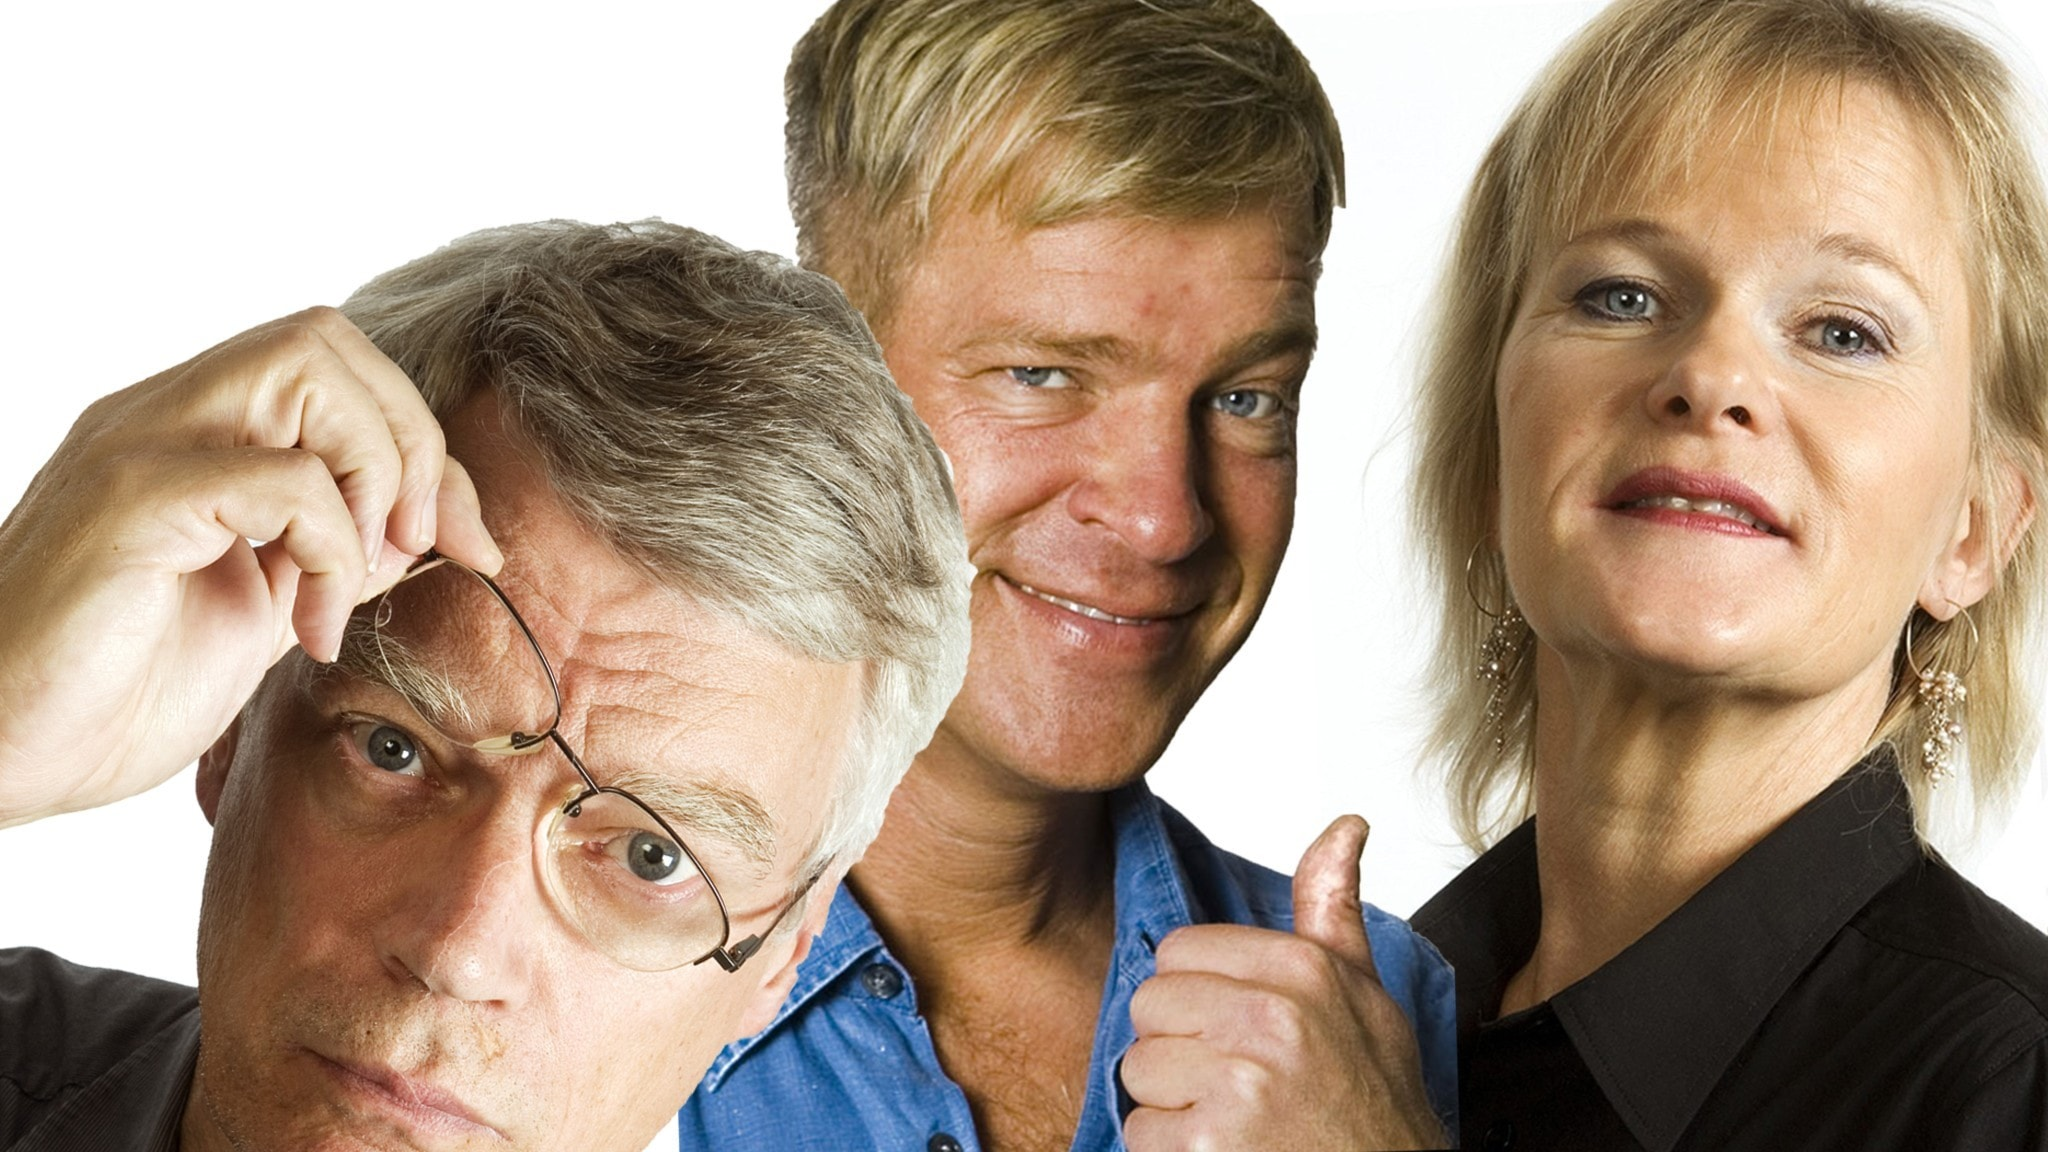 Jonas Hallberg, Calle Norlén och Sissela Kyle. Foto Mattias Ahlm och Micke Gröberg Sveriges Radio